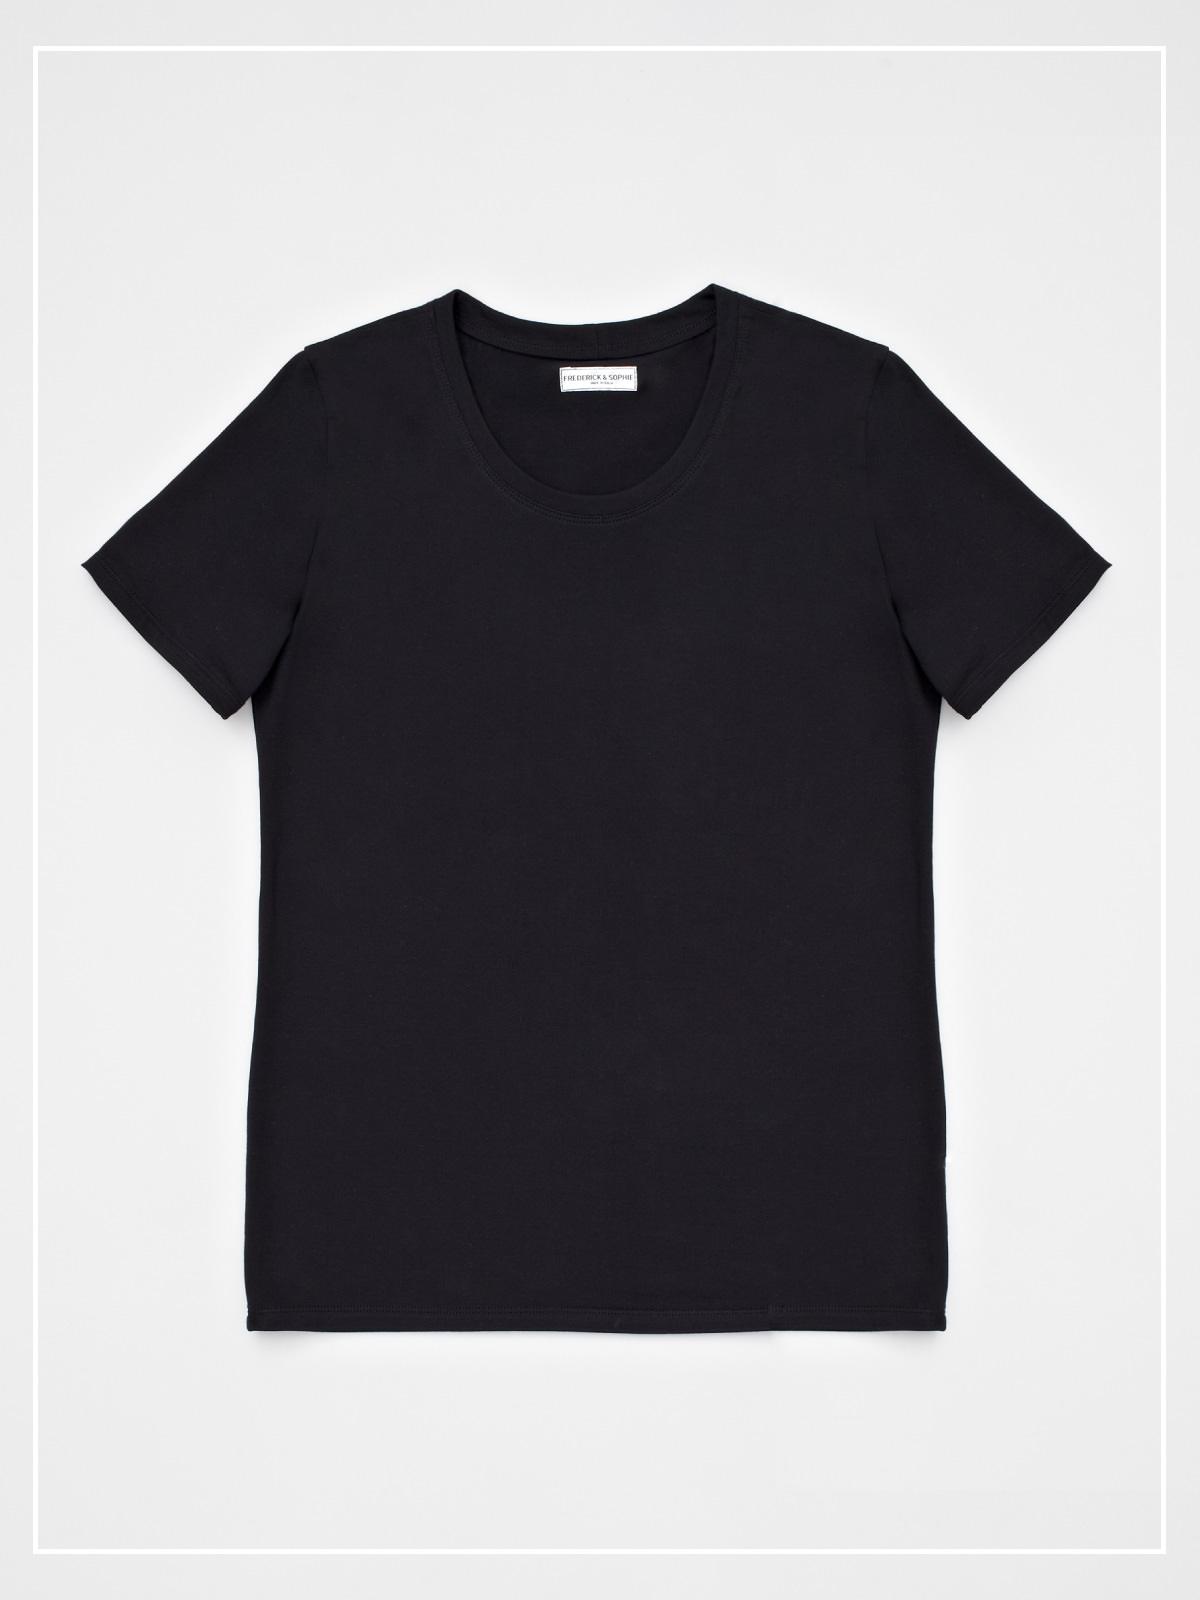 frederickandsophie-tshirt-roundneck-black-sophie